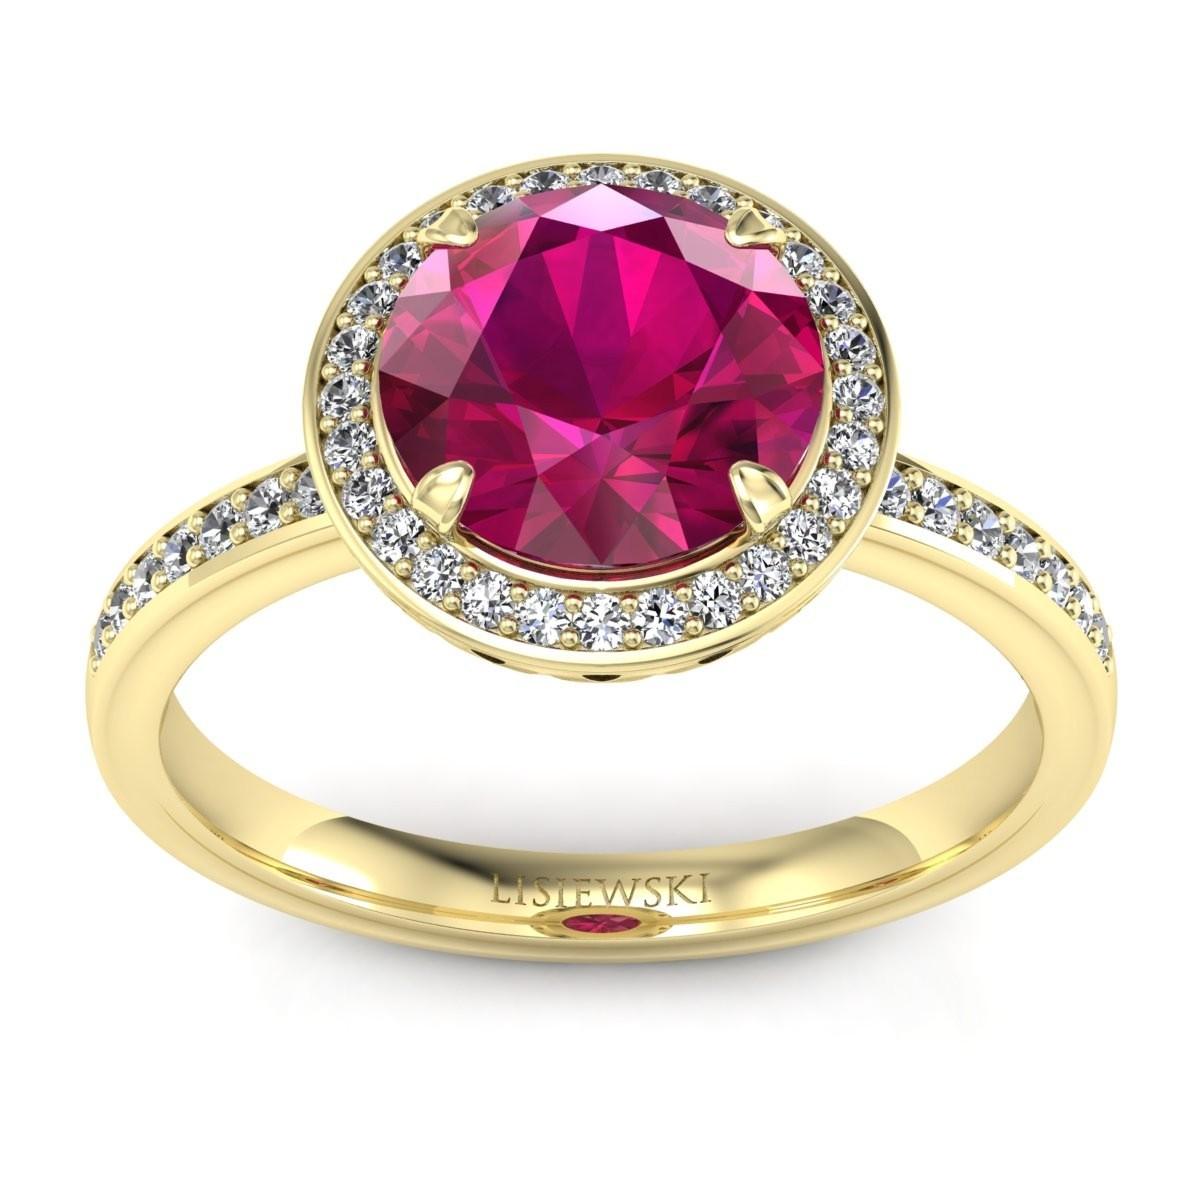 Manhattan - Złoty pierścionek z rubinem i diamentami